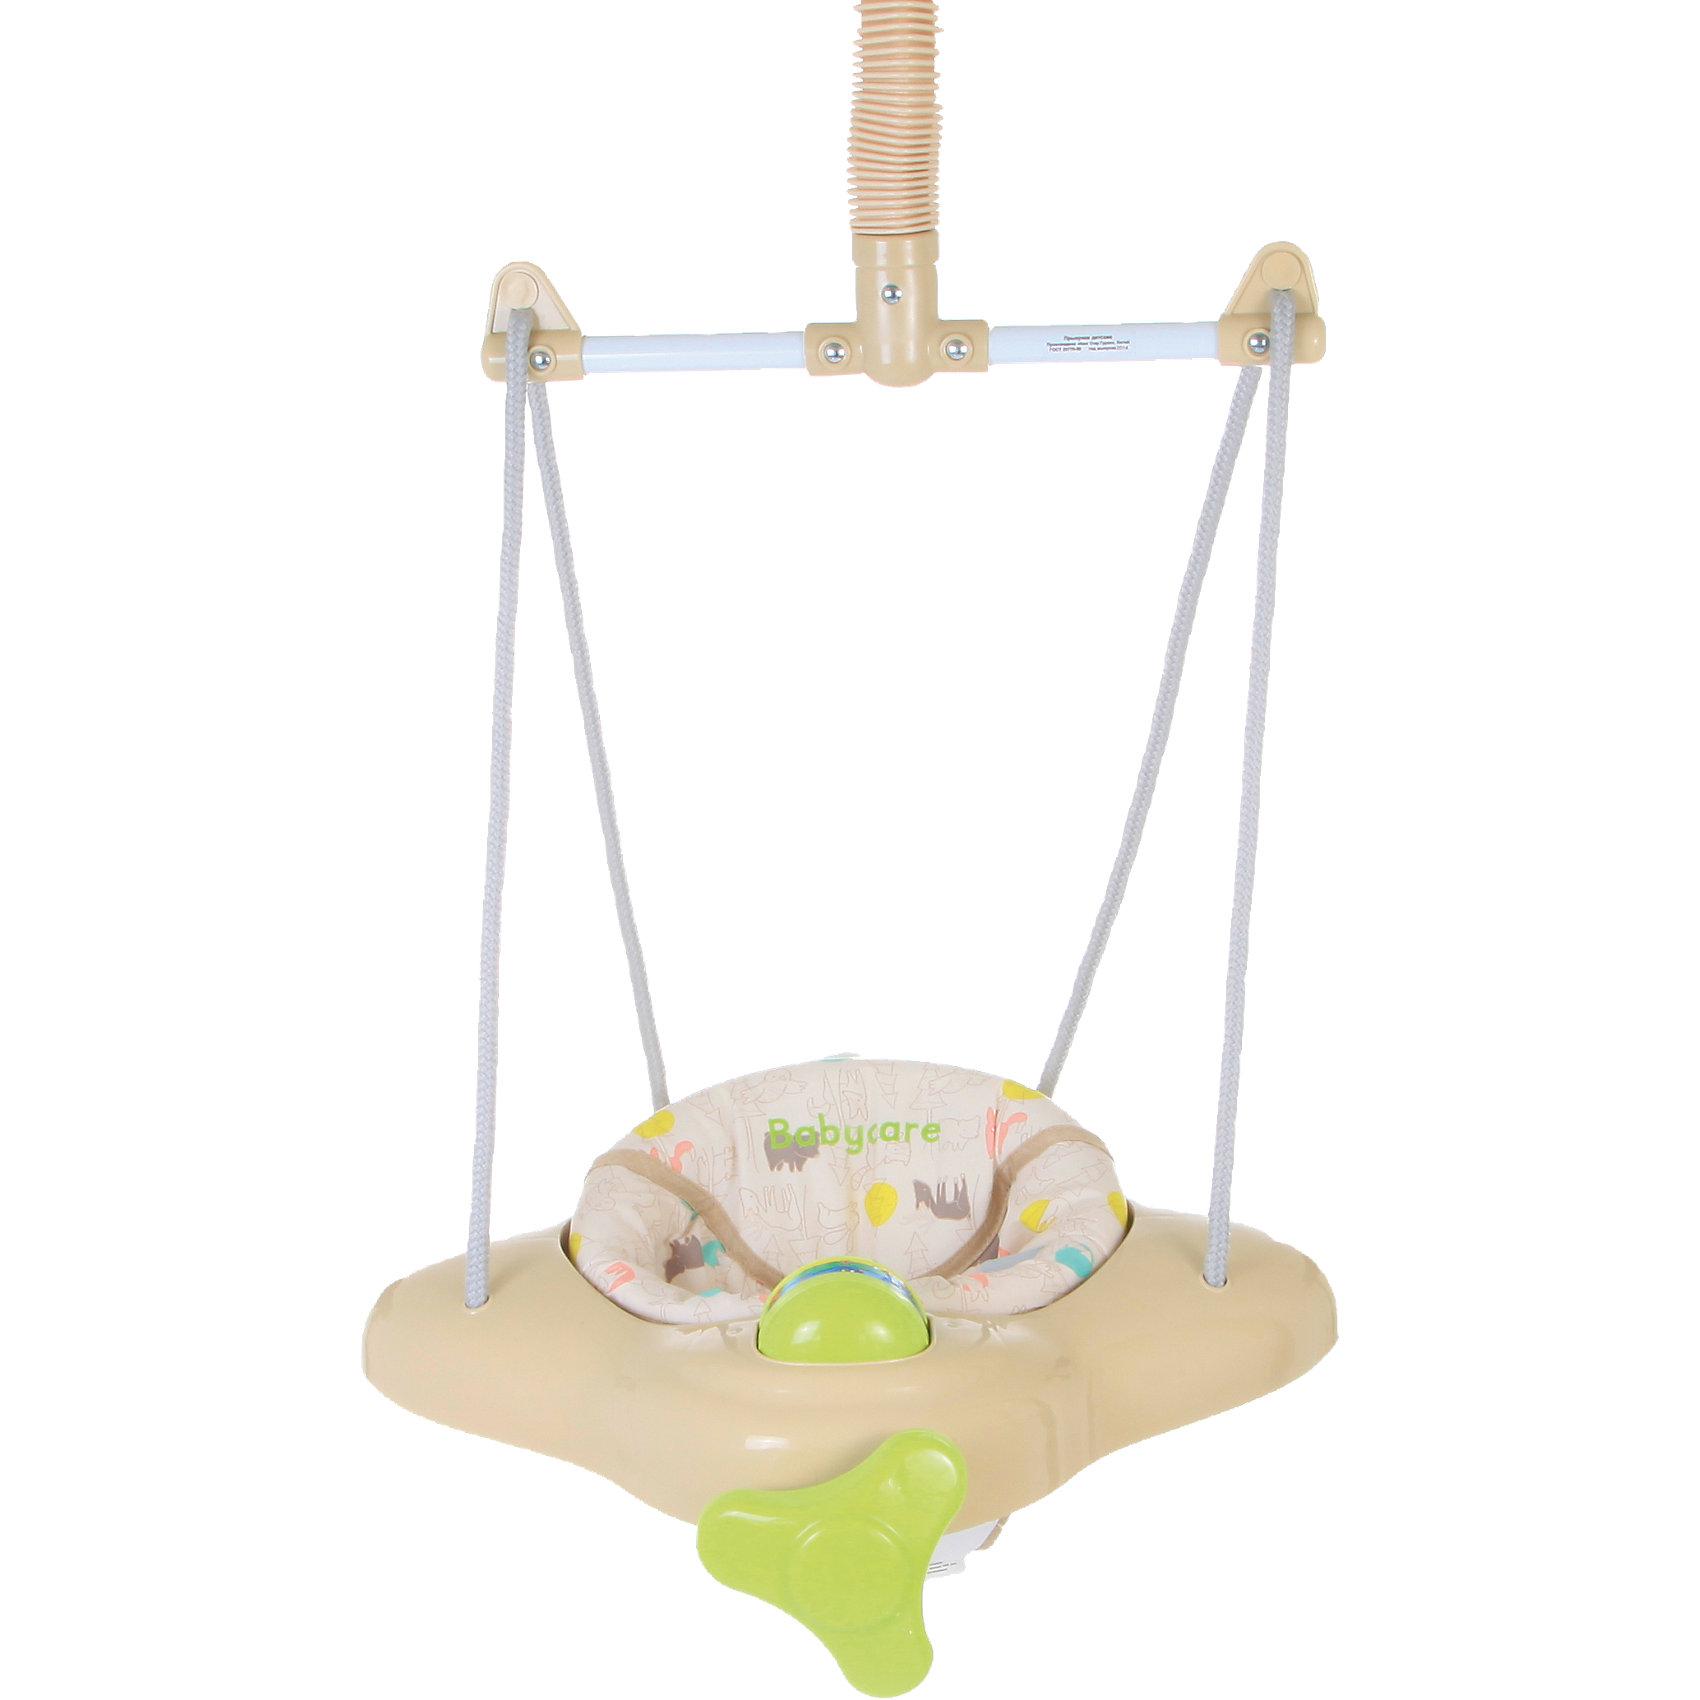 Прыгунки Aero, Baby Care, JasmineПрыгунки<br>Aero, Baby Care (Беби Кэа) – замечательные прыгунки, которые принесут столько радости малышу! С ними кроха научится прыгать, ориентироваться в пространстве и будет прекрасно развивать моторику ножек. Яркие и красивые прыгунки в виде забавного вертолетика легко и надежно крепятся в дверной проем. А механизм крепления фонендоскоп помогает надежно зафиксировать прыгунки. Дополнительным плюсом является то, что фиксированная пружина позволяет использовать прыгунки в качестве качелей. Вы легко сможете отрегулировать ремешки под рост и вес ребенка и ему будет очень весело и комфортно. Благодаря расположению креплений, сажать малыша в прыгунки очень удобно! Прыгунки всегда будут выглядеть как новые, ведь сиденье так легко снять и постирать.<br><br>Дополнительная информация:<br><br>- Прыгунки предназначены для малыша от 6-ти месяцев и до достижения 11 кг;<br>- Забавный дизайн;<br>- При фиксировании пружины превращаются в качели;<br>- Надежно крепятся к дверному косяку;<br>- Механизм крепления фонендоскоп;<br>- Высота сидения регулируется;<br>- Цвет: Jasmine;<br>- Размер: 46 х 45 х 15 см;<br>- Вес: 3 кг<br><br>Прыгунки Aero, Baby Care (Беби Кэа), Jasmine можно купить в нашем интернет-магазине.<br><br>Ширина мм: 600<br>Глубина мм: 440<br>Высота мм: 490<br>Вес г: 3000<br>Возраст от месяцев: 5<br>Возраст до месяцев: 11<br>Пол: Женский<br>Возраст: Детский<br>SKU: 4028920